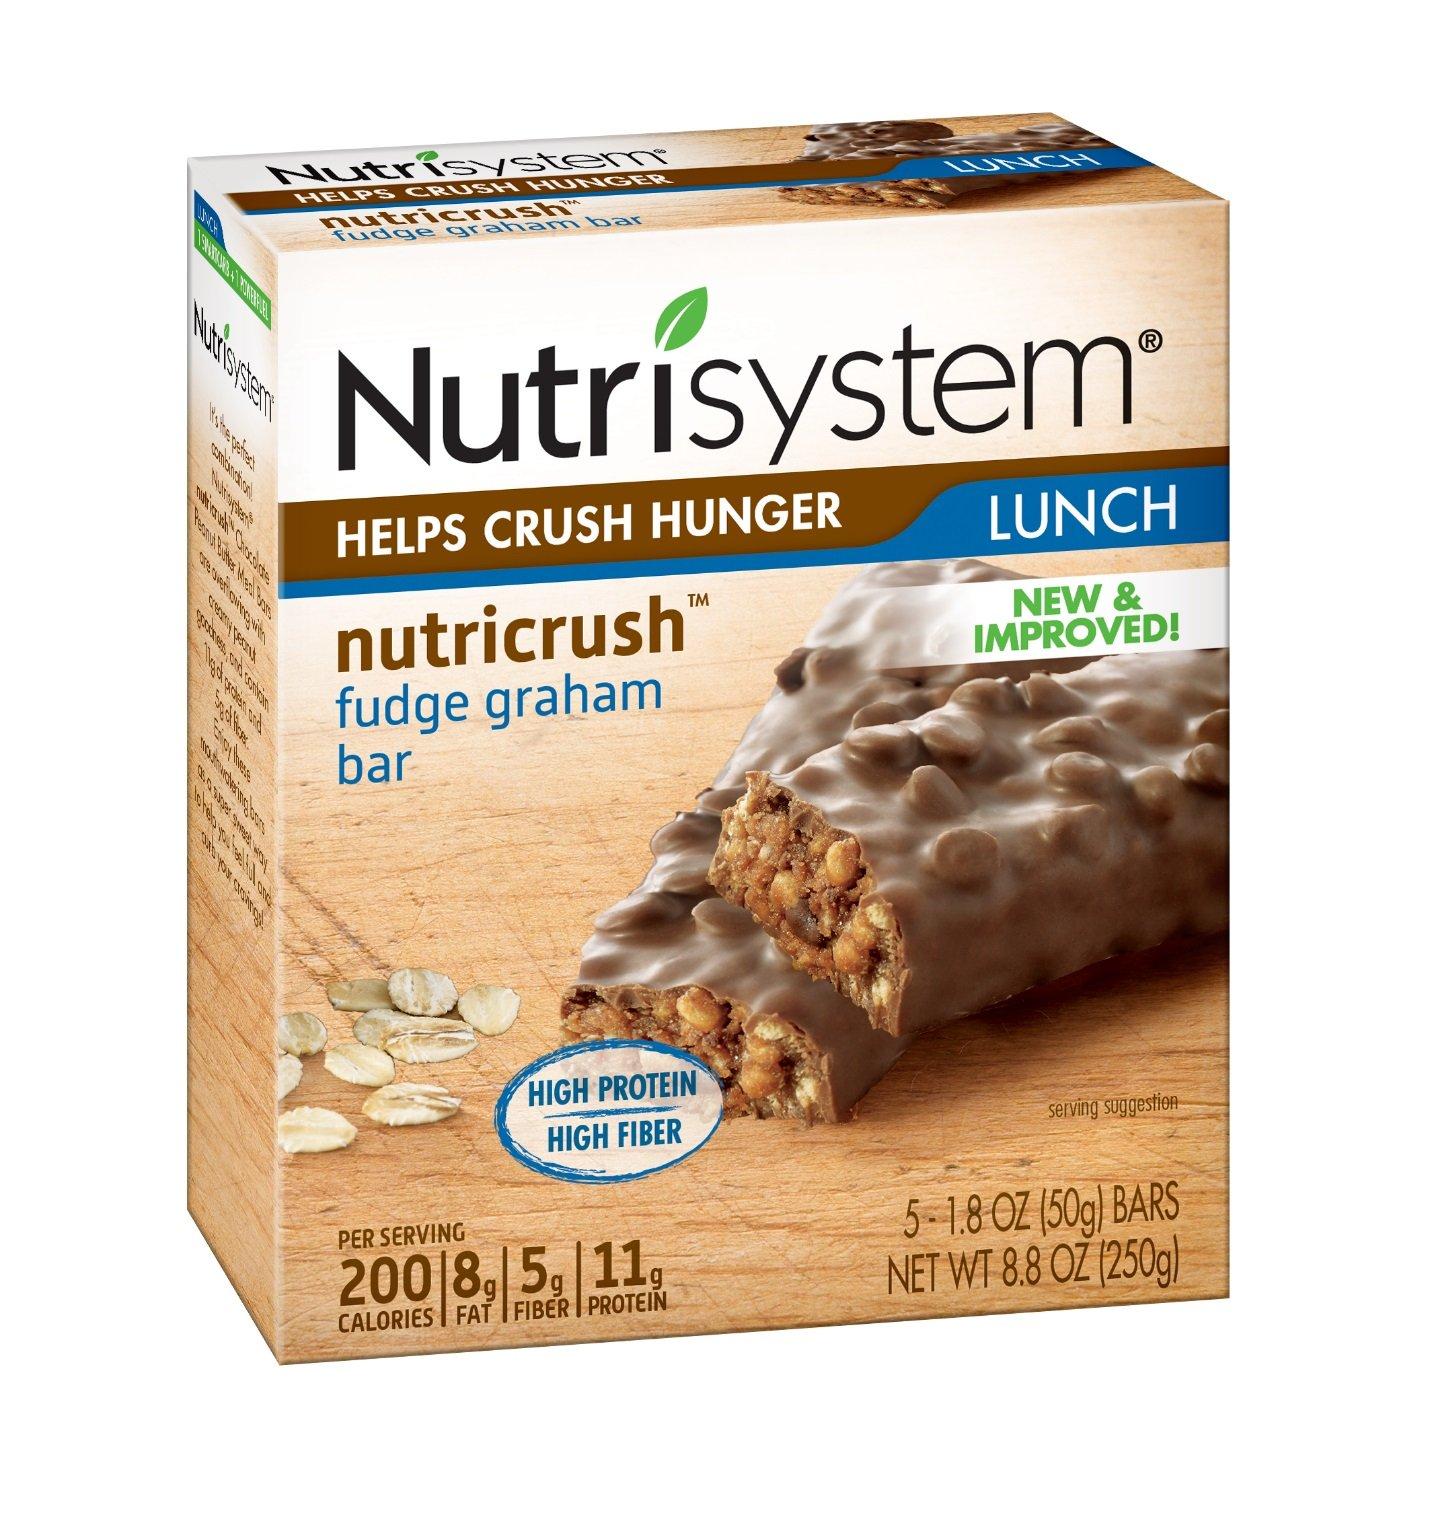 Nutrisystem® Nutricrush Fudge Graham Bars, 30 count